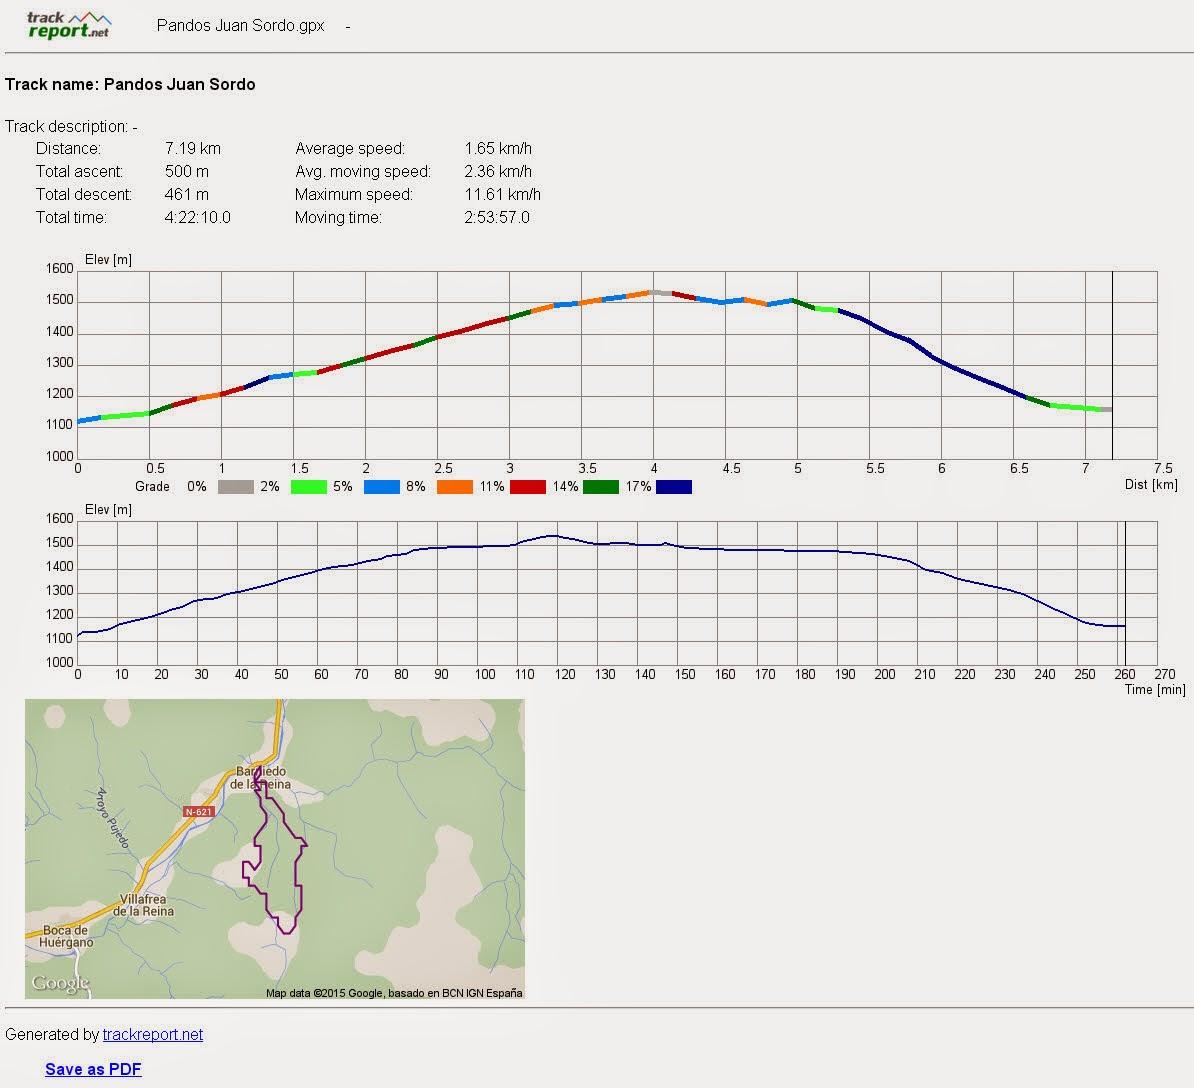 hight resolution of los perfiles de elevaci n se muestran basados tanto en google maps como en los datos del track